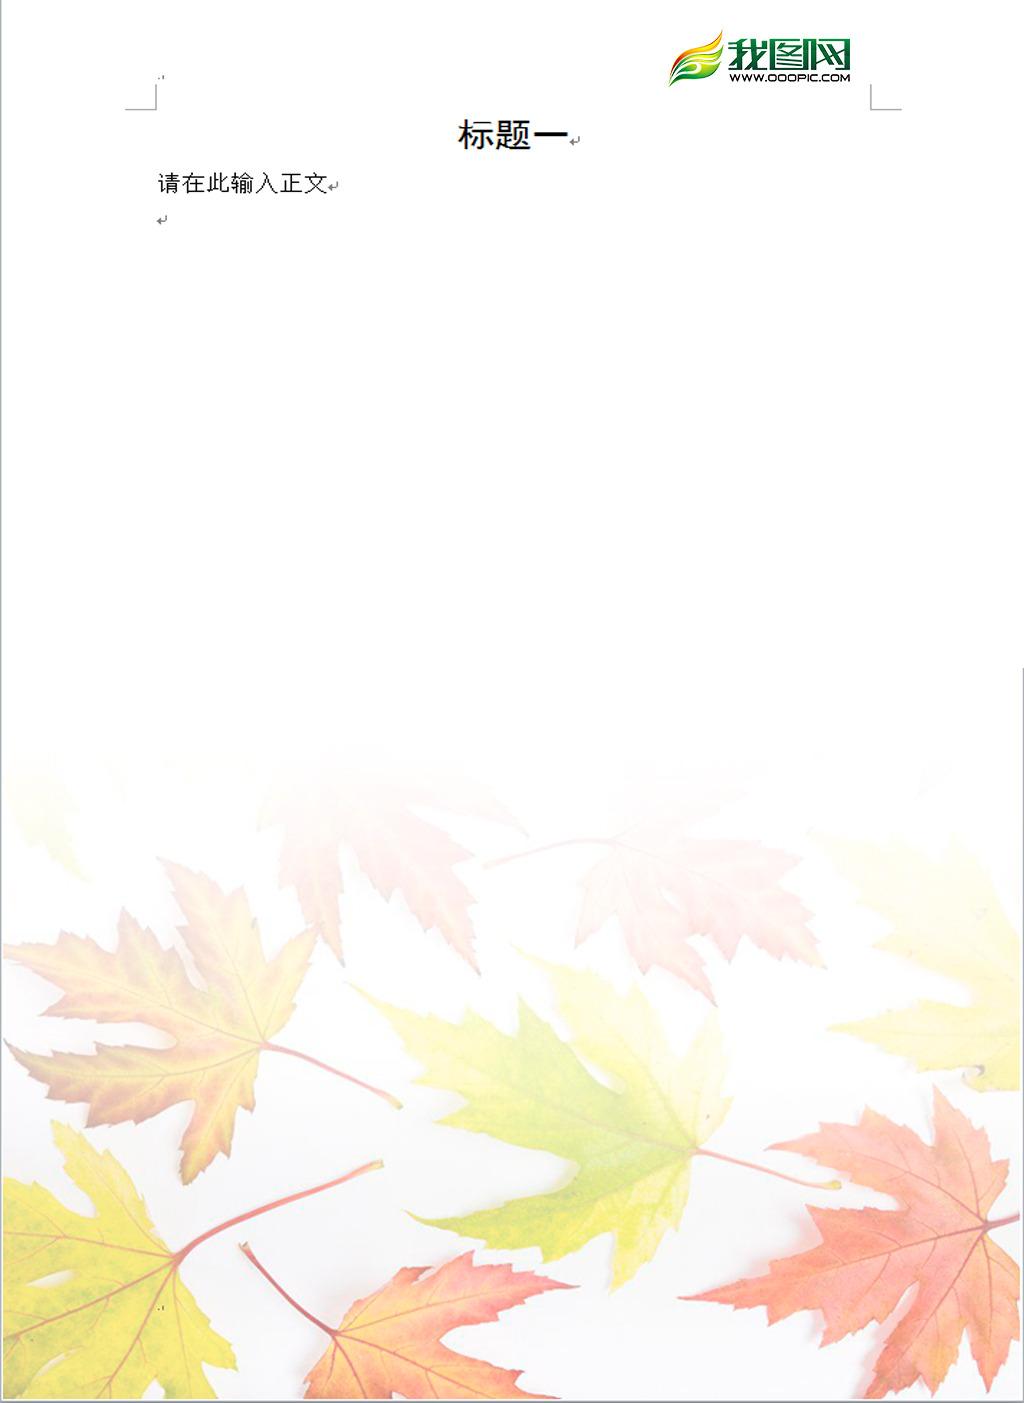 枫叶信纸模板模板下载